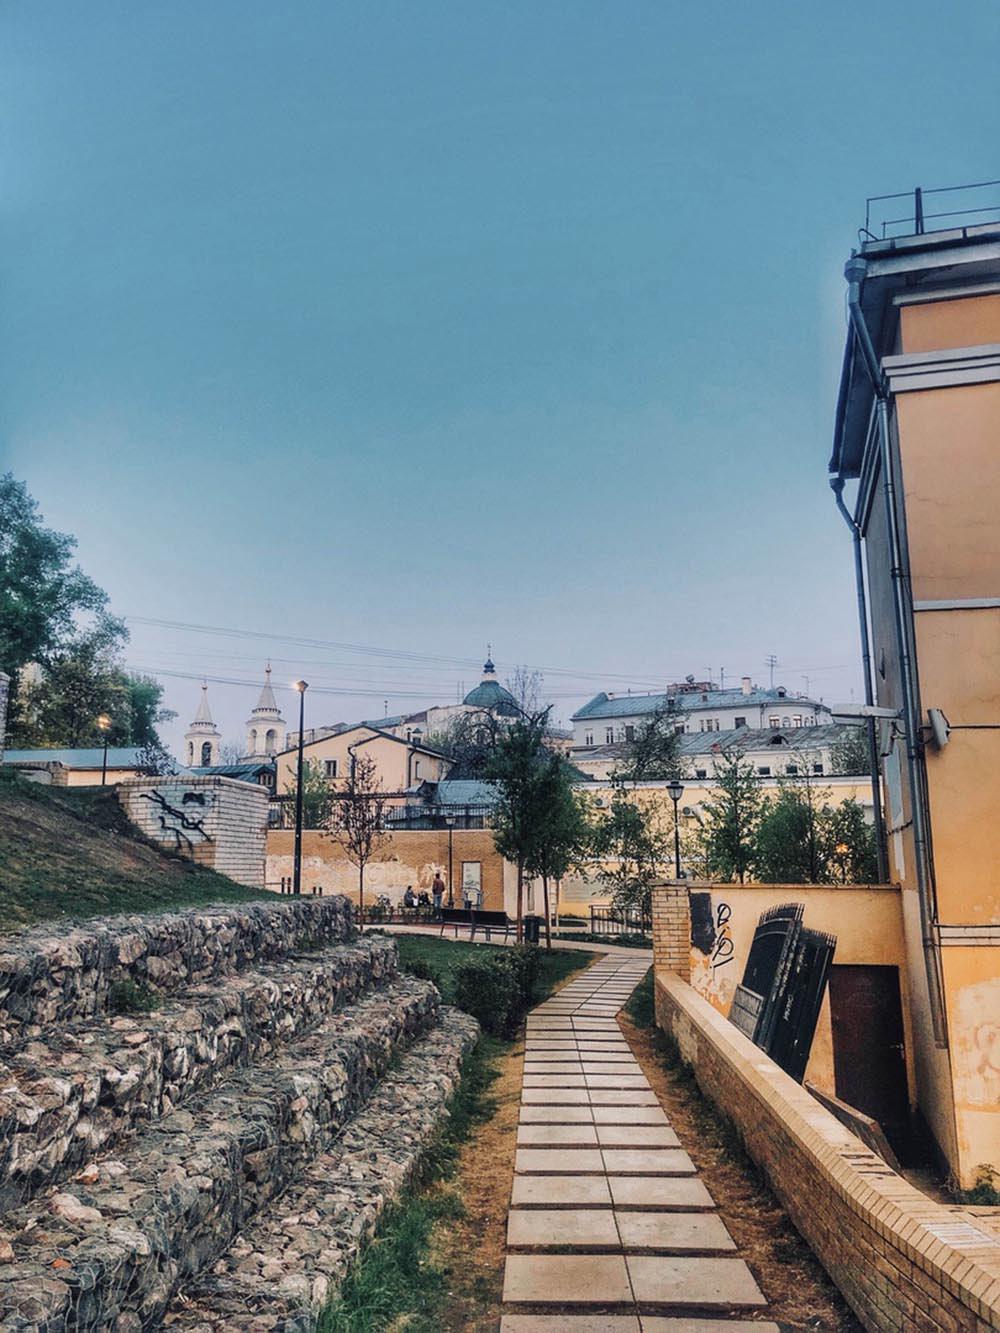 Фото панорамы из архива